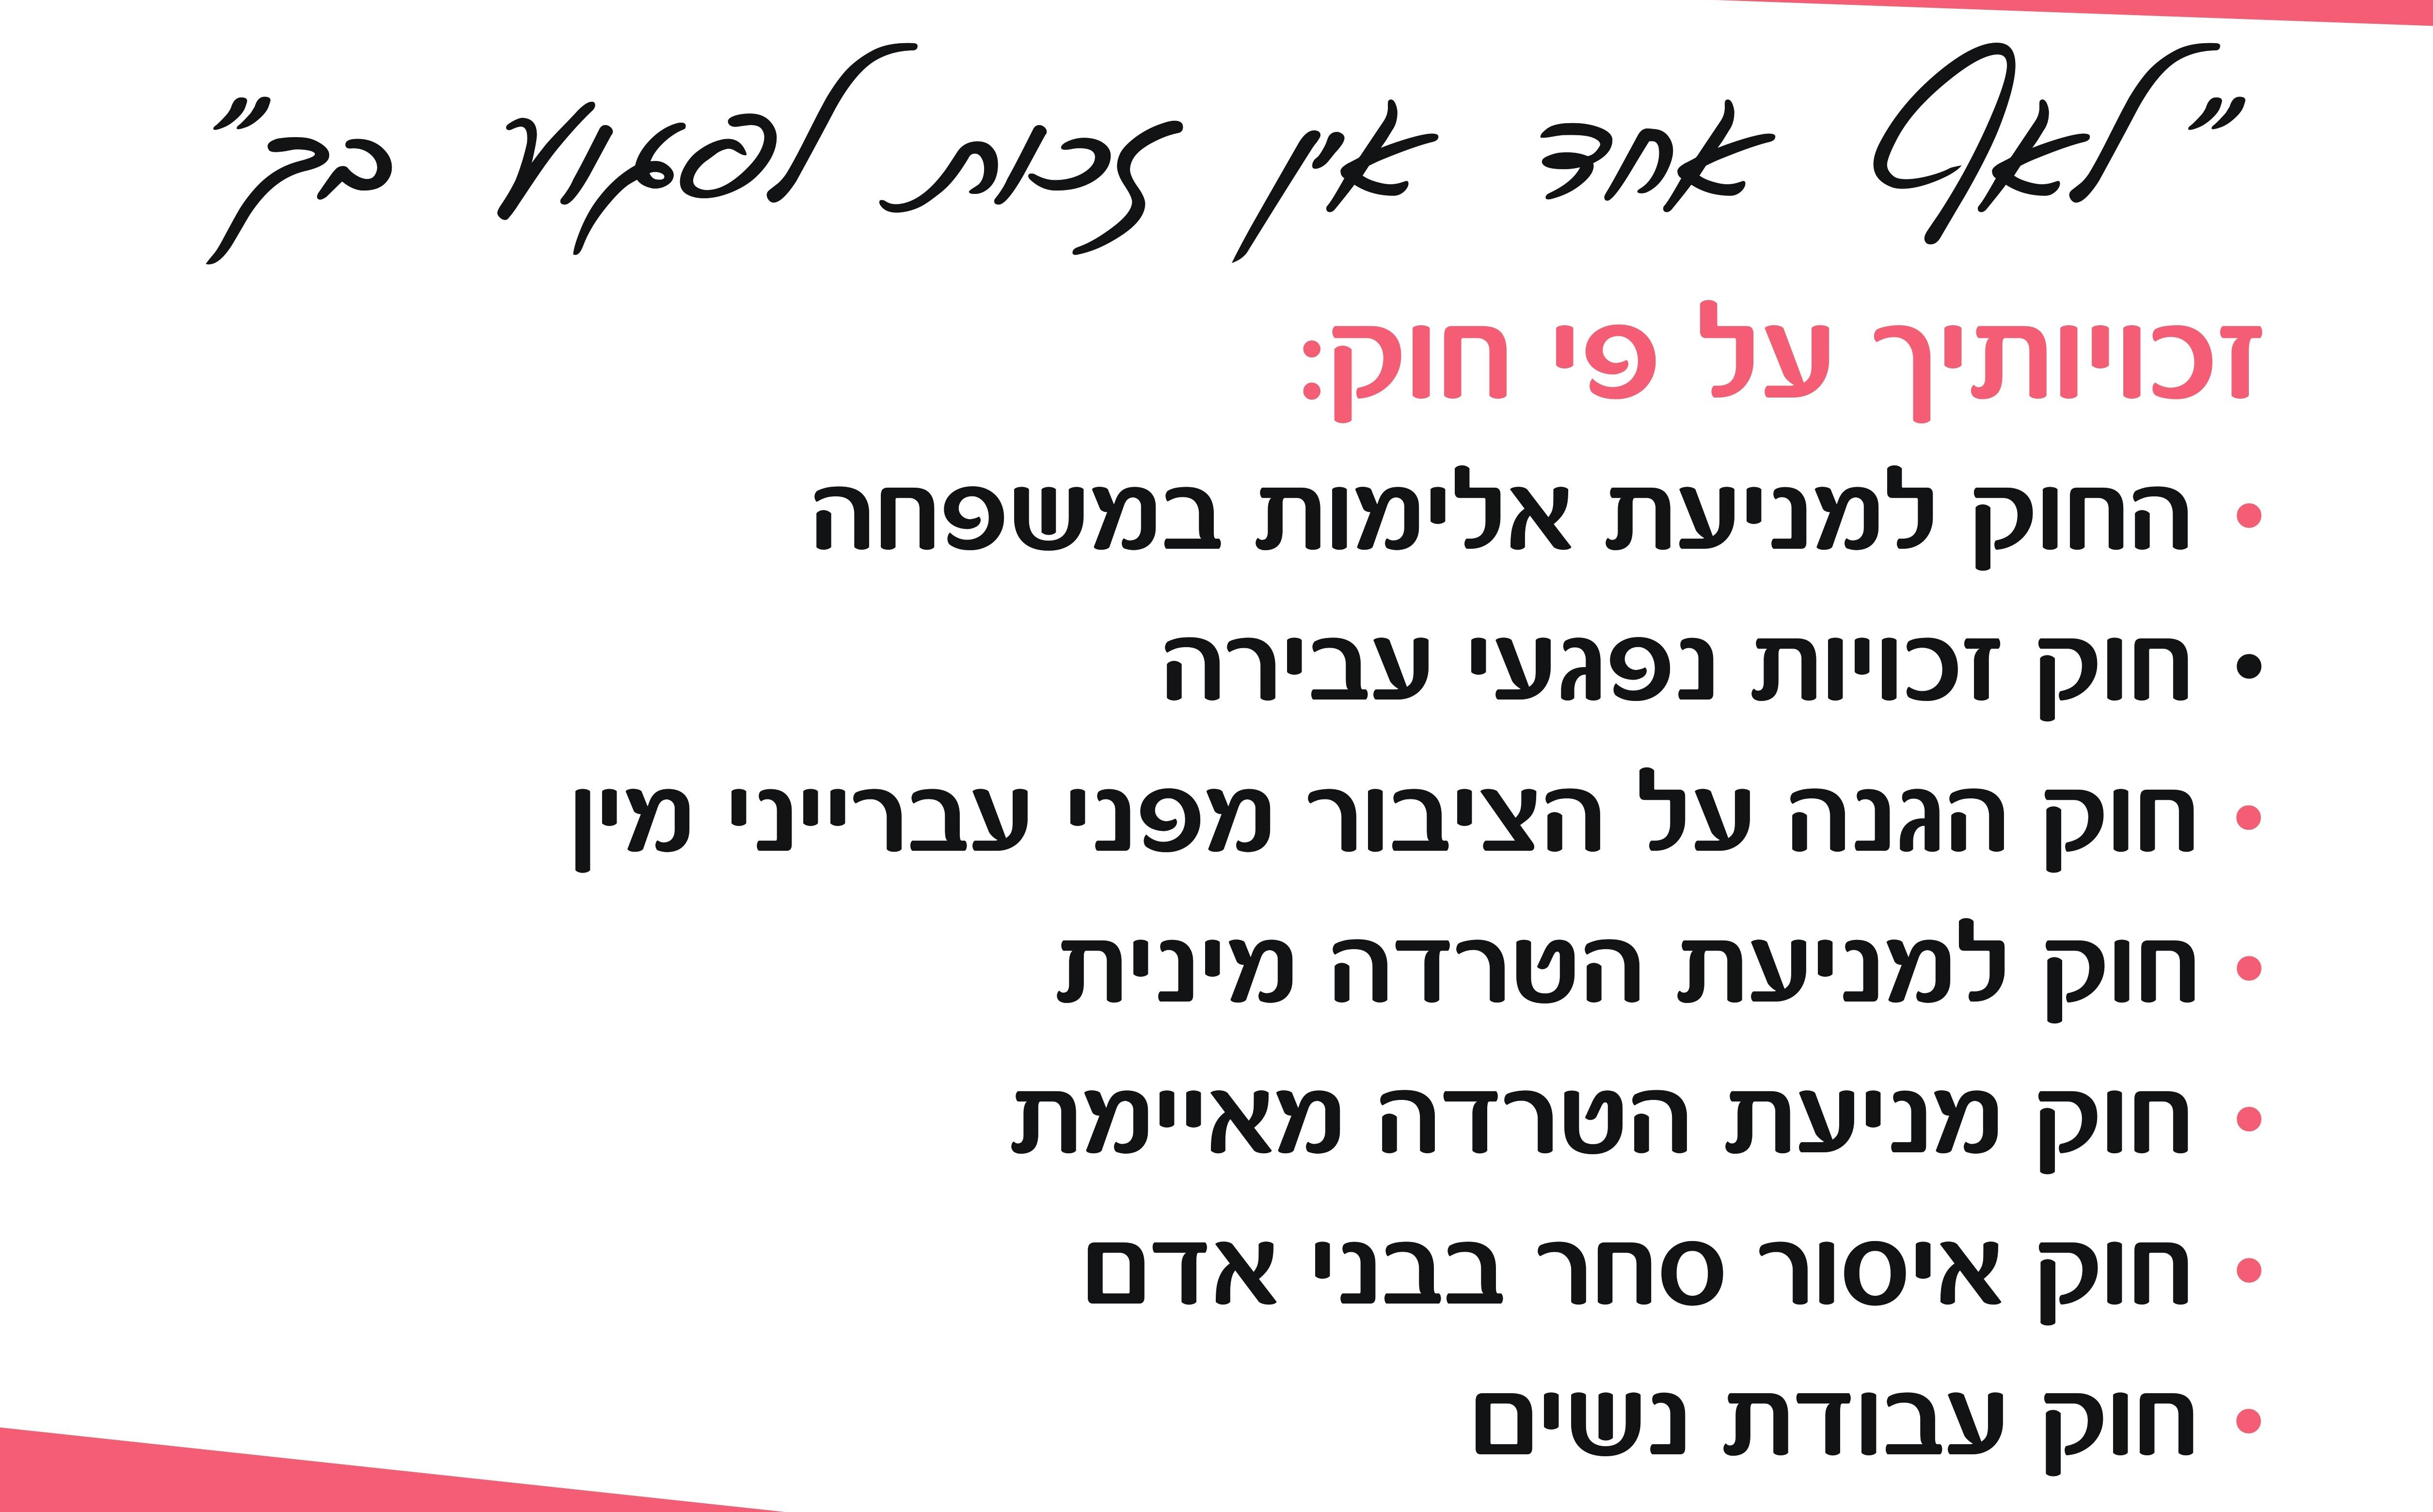 התמונה כוללת את פירוט החוקים שנחקקו במדינת ישראל לטובת הנשים במסגרת שוויון זכויות, קידום, העצמה, מניעת אלימות ומניעת הטרדה מינית